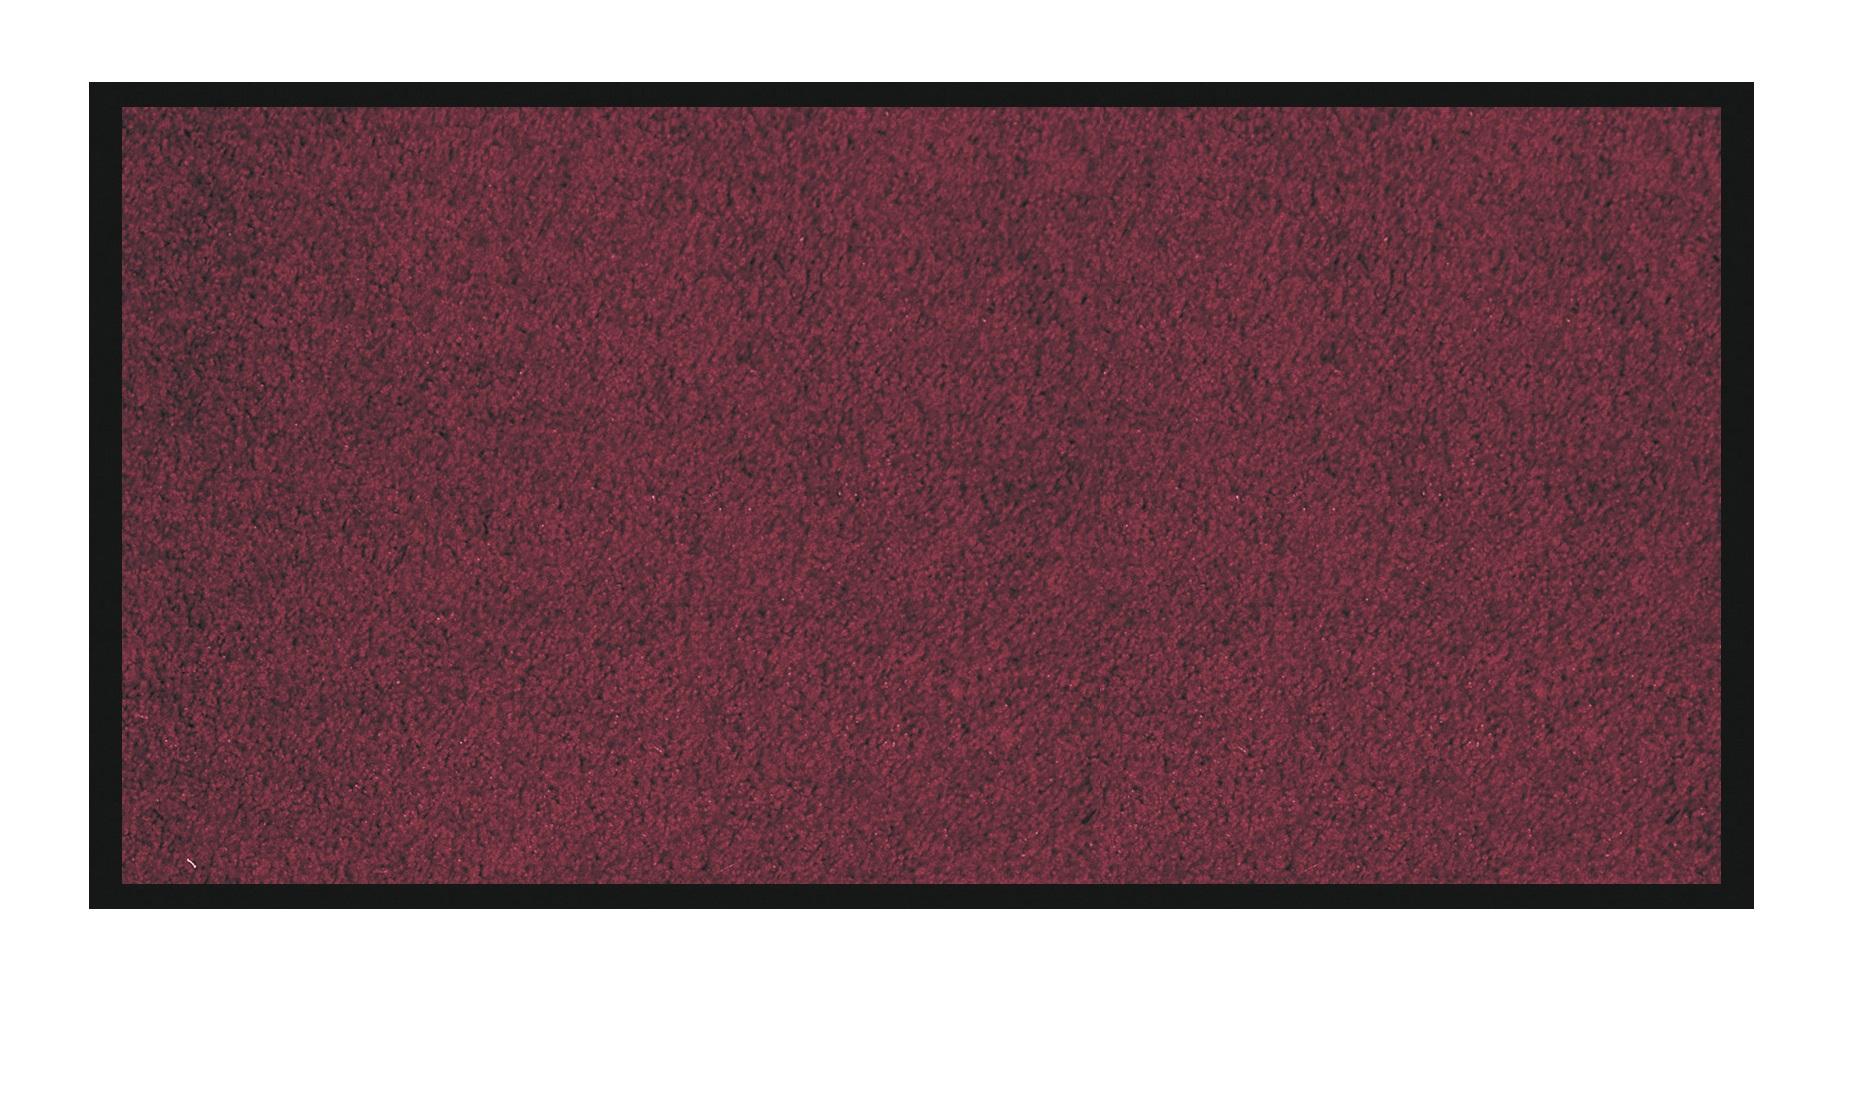 Tapis de sol absorbant RAINBOW - 90 x 150 cm - en polyamide - bordeaux